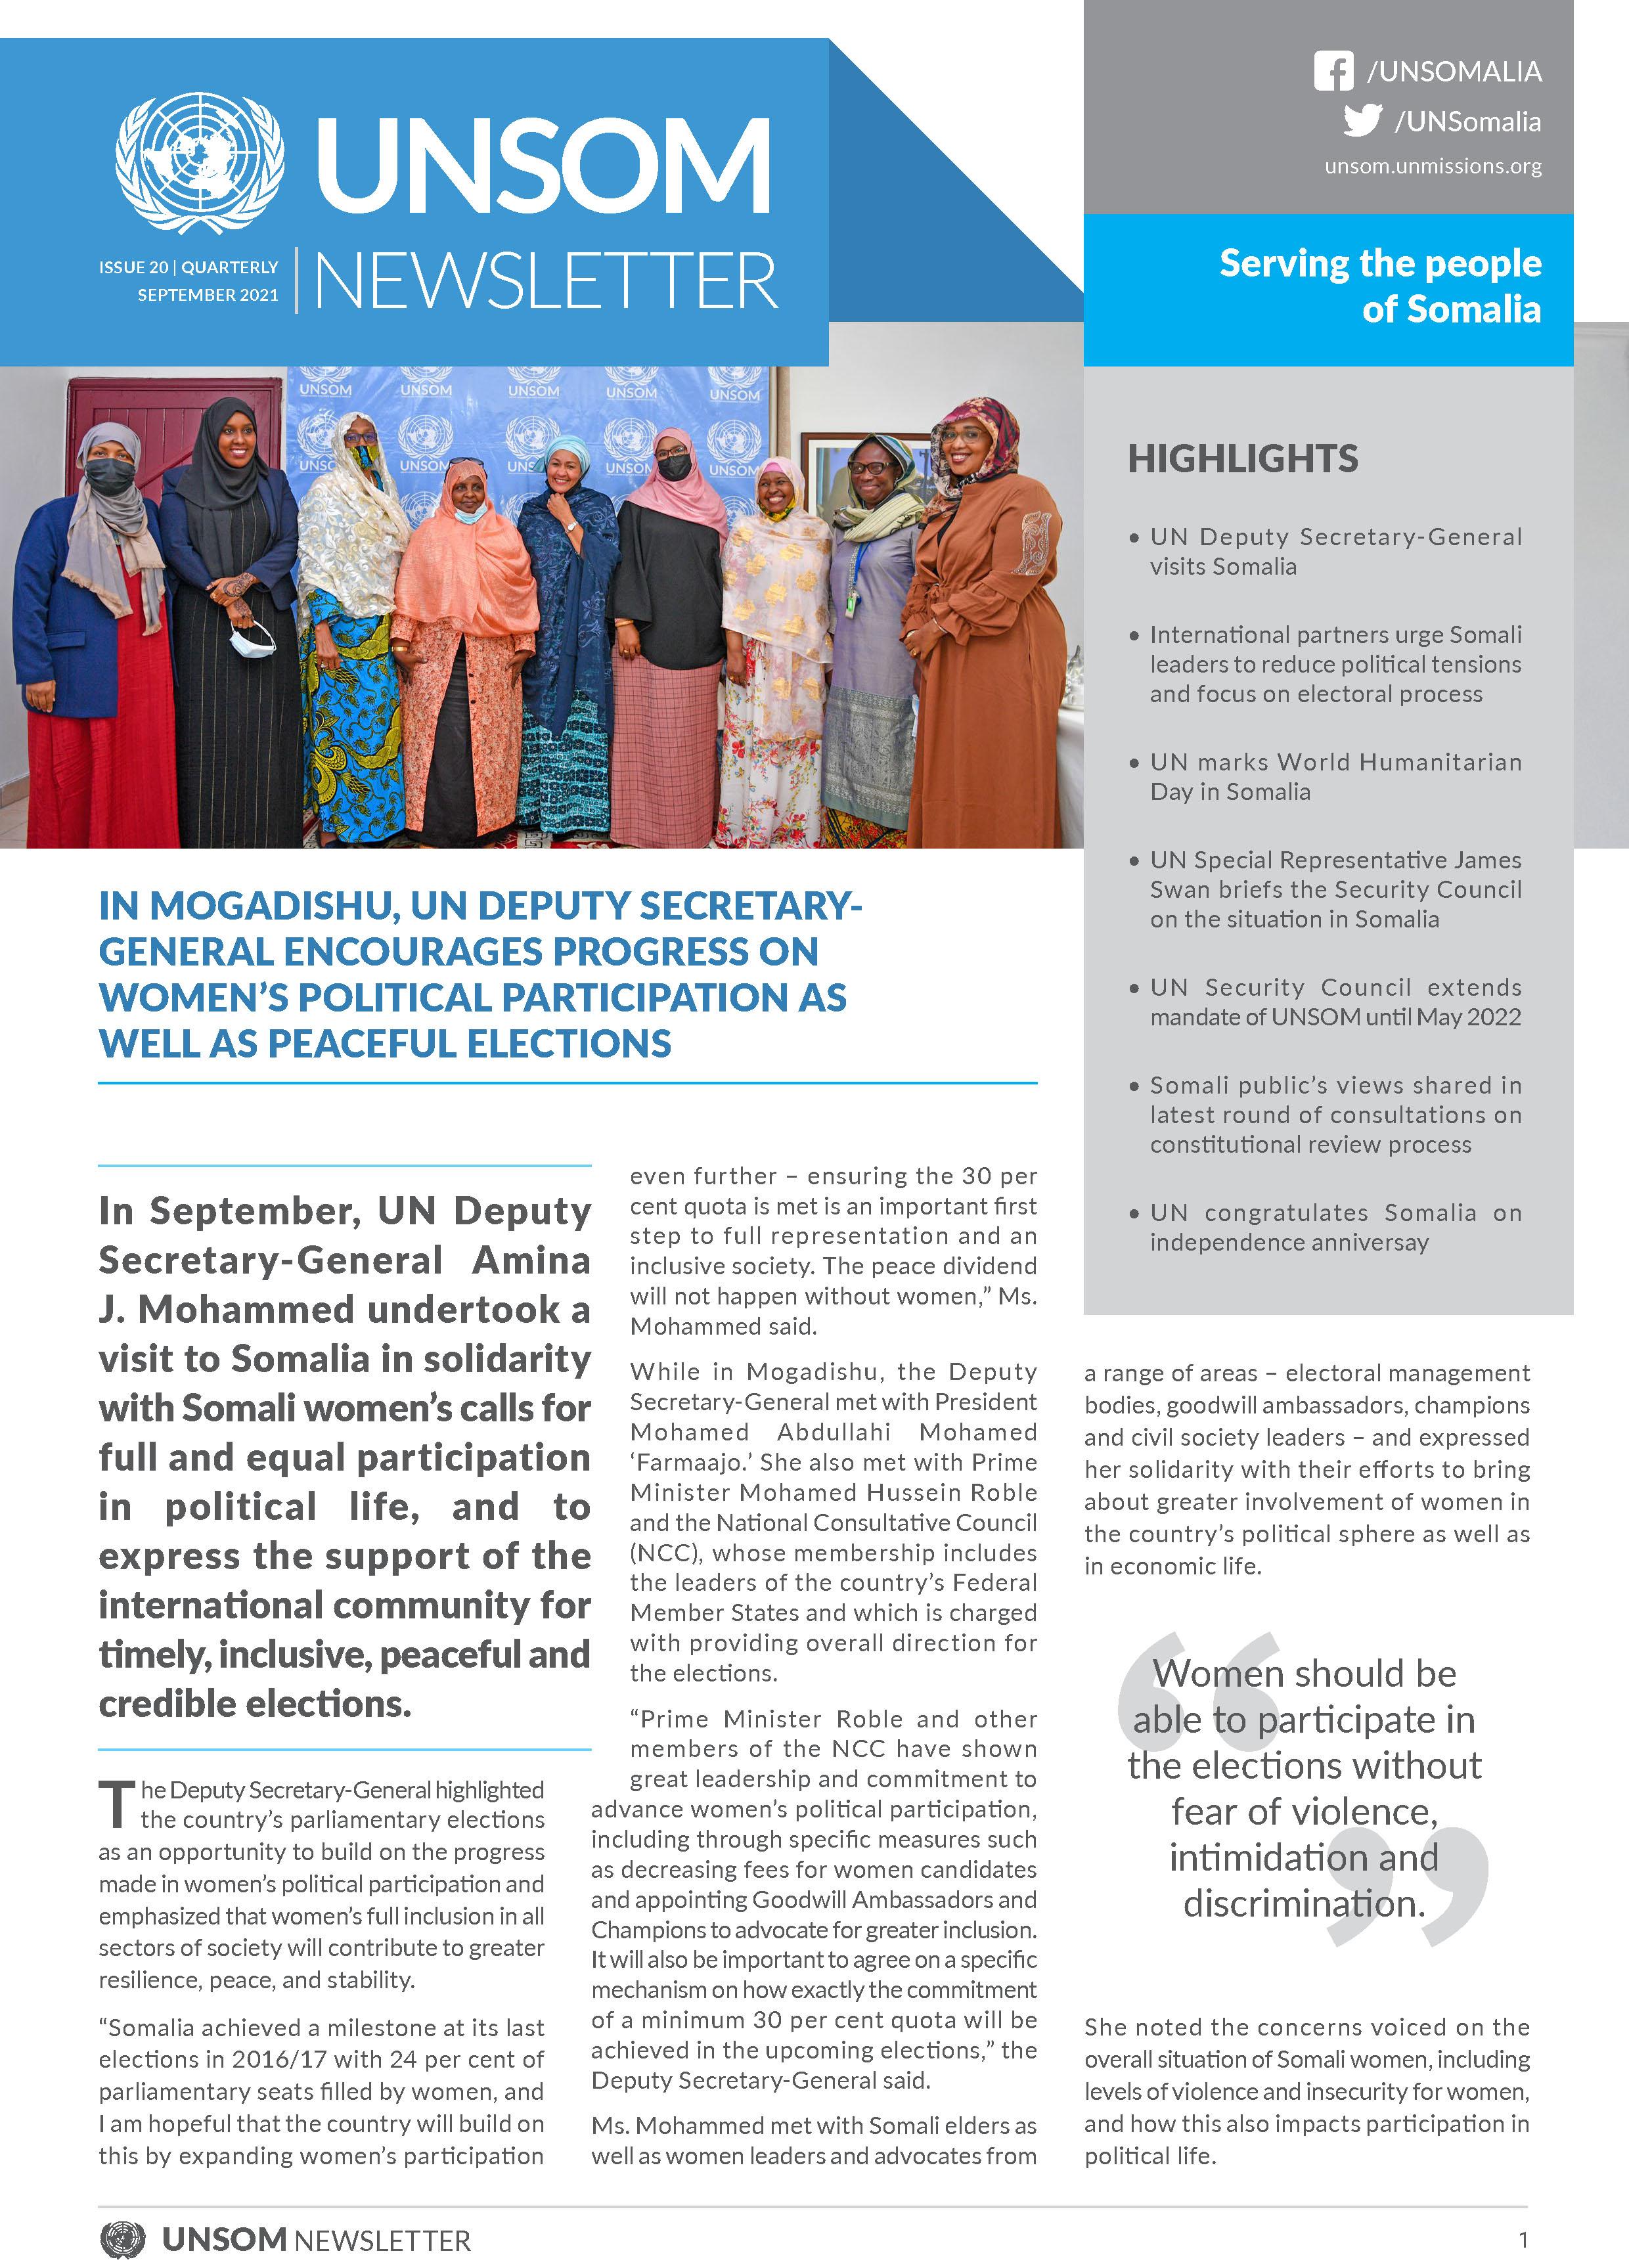 UNSOM Quarterly Newsletter, Issue 20, September, 2021